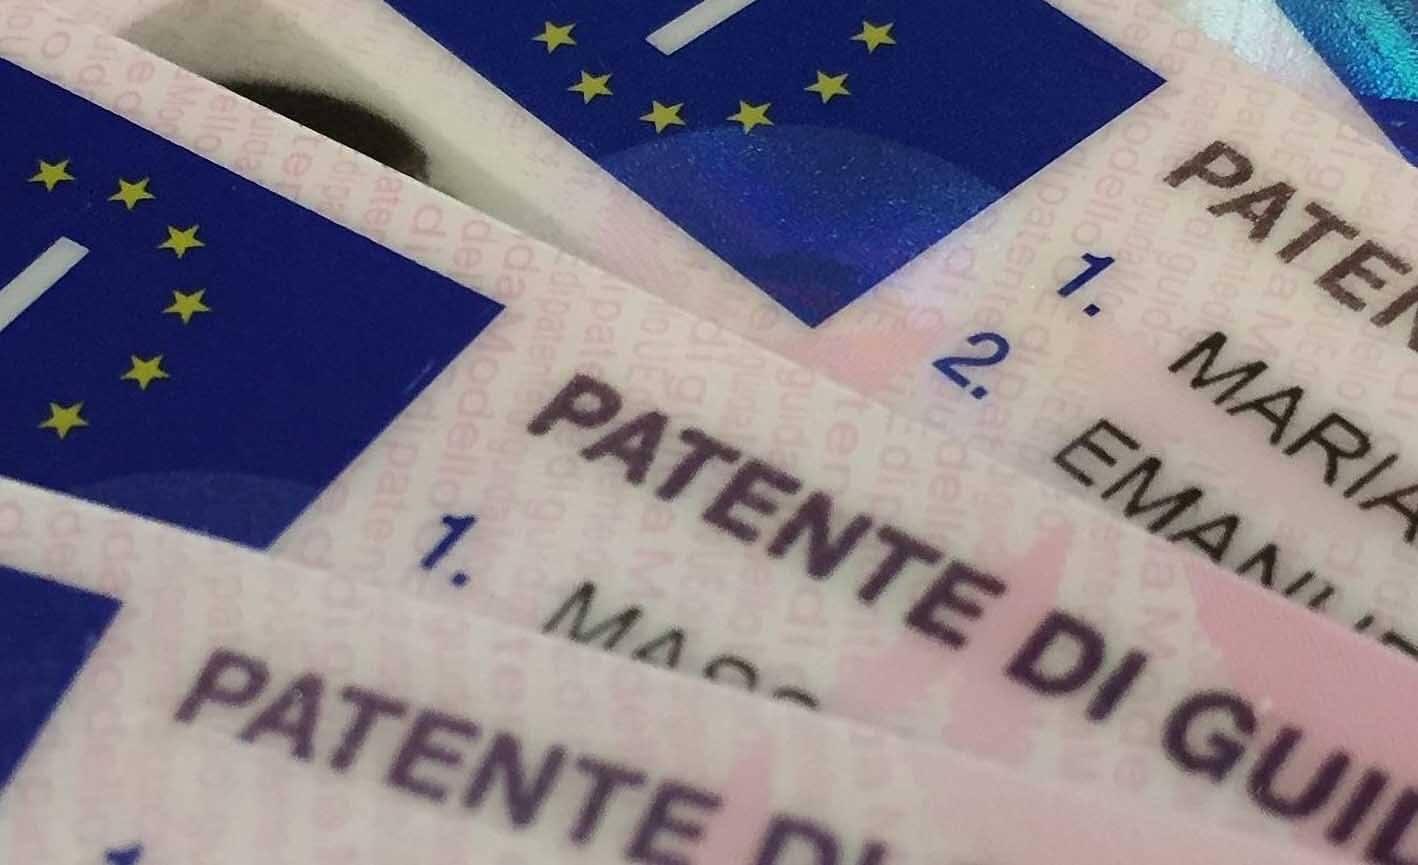 Stangata sulla patente di guida, prenderla costerà 1000 euro